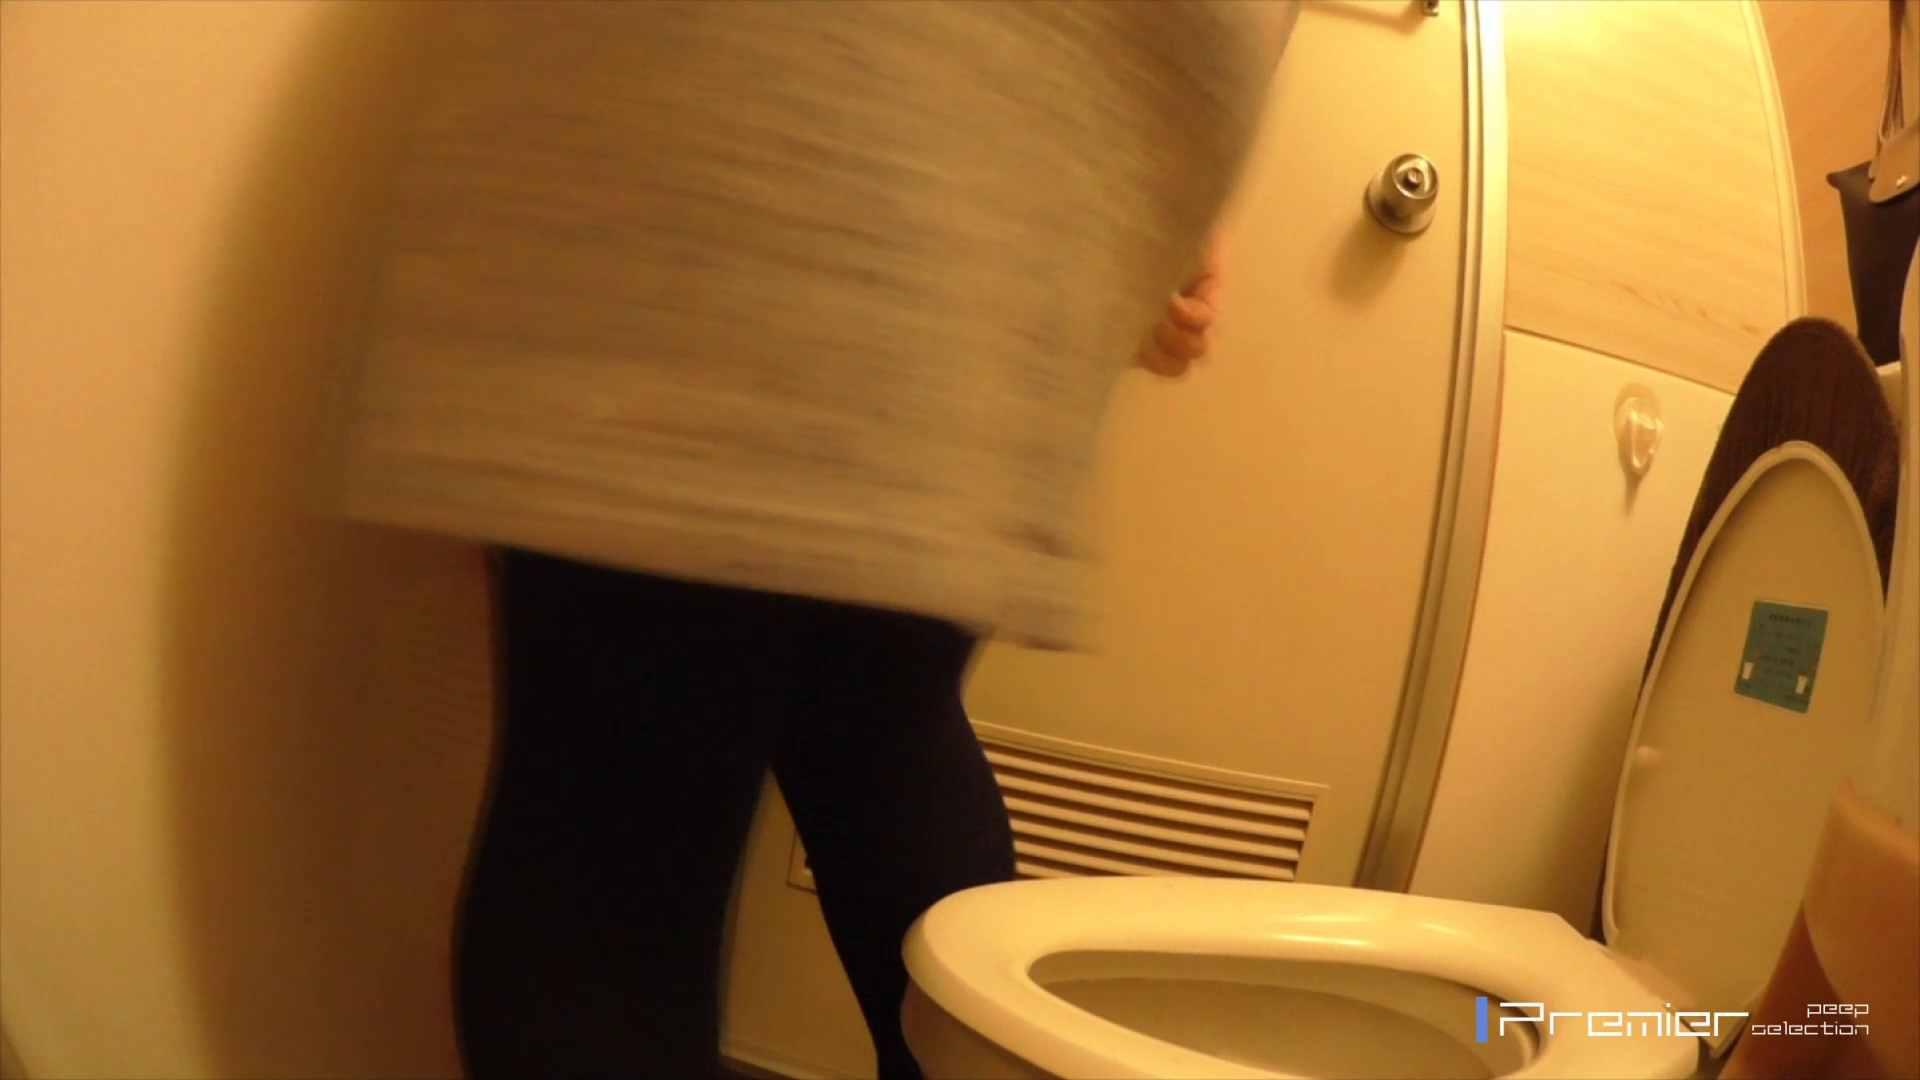 ▲2017_09位▲ 某格安温泉地宿泊施設トイレ盗撮 Vol.03 トイレ中 | ギャル・コレクション  83連発 16